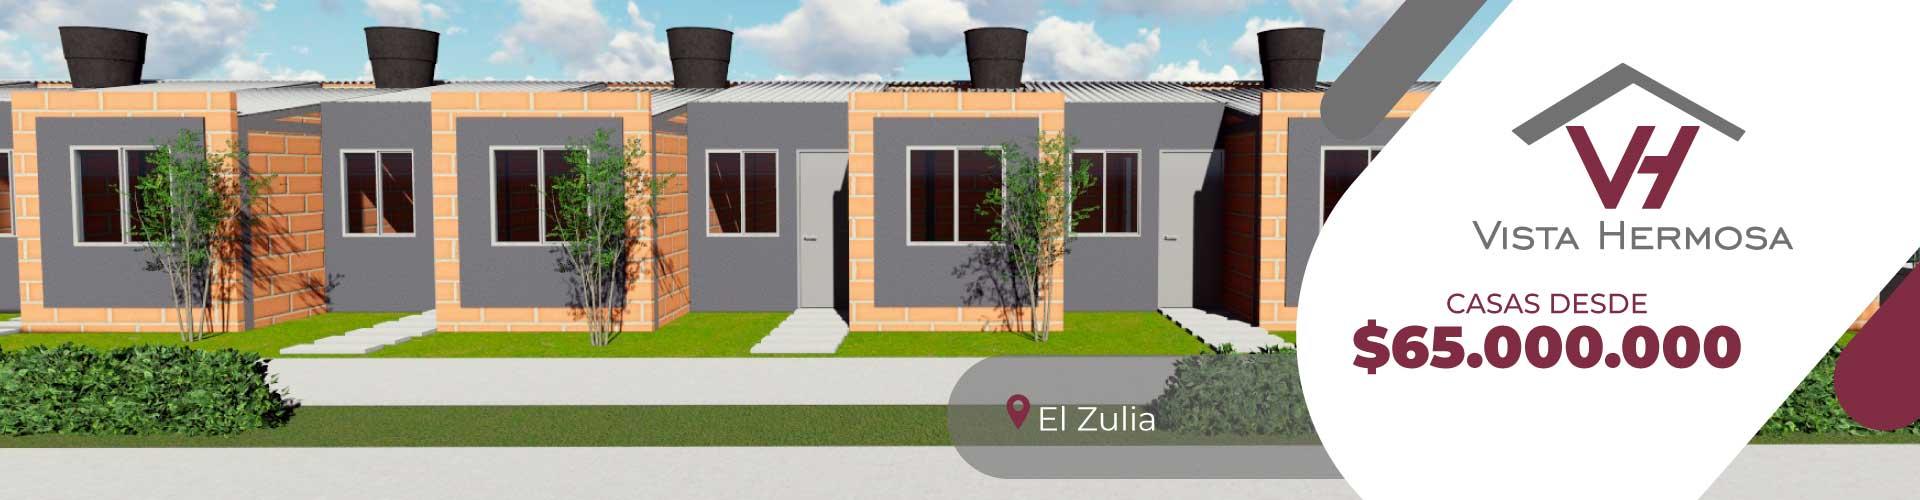 Casas Vista Hermosa Constructora Monape